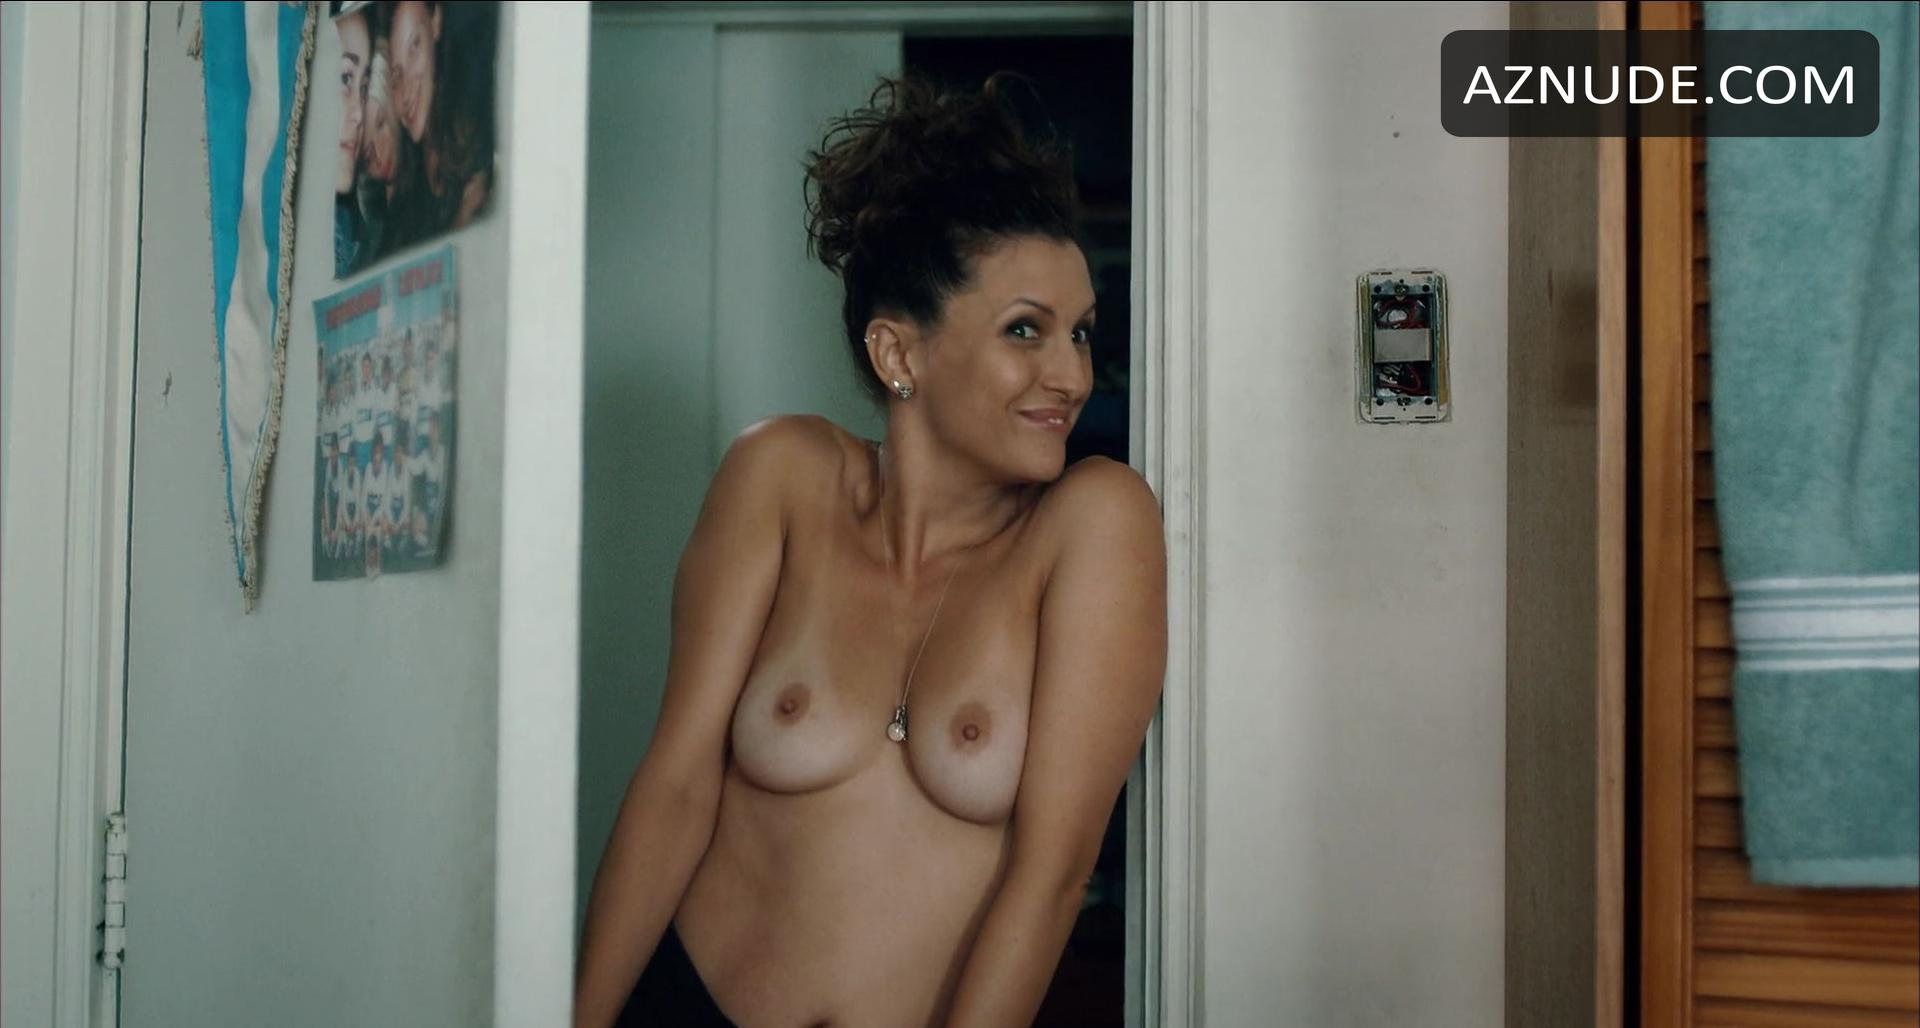 Antonella Sexo antonella costa nude - aznude